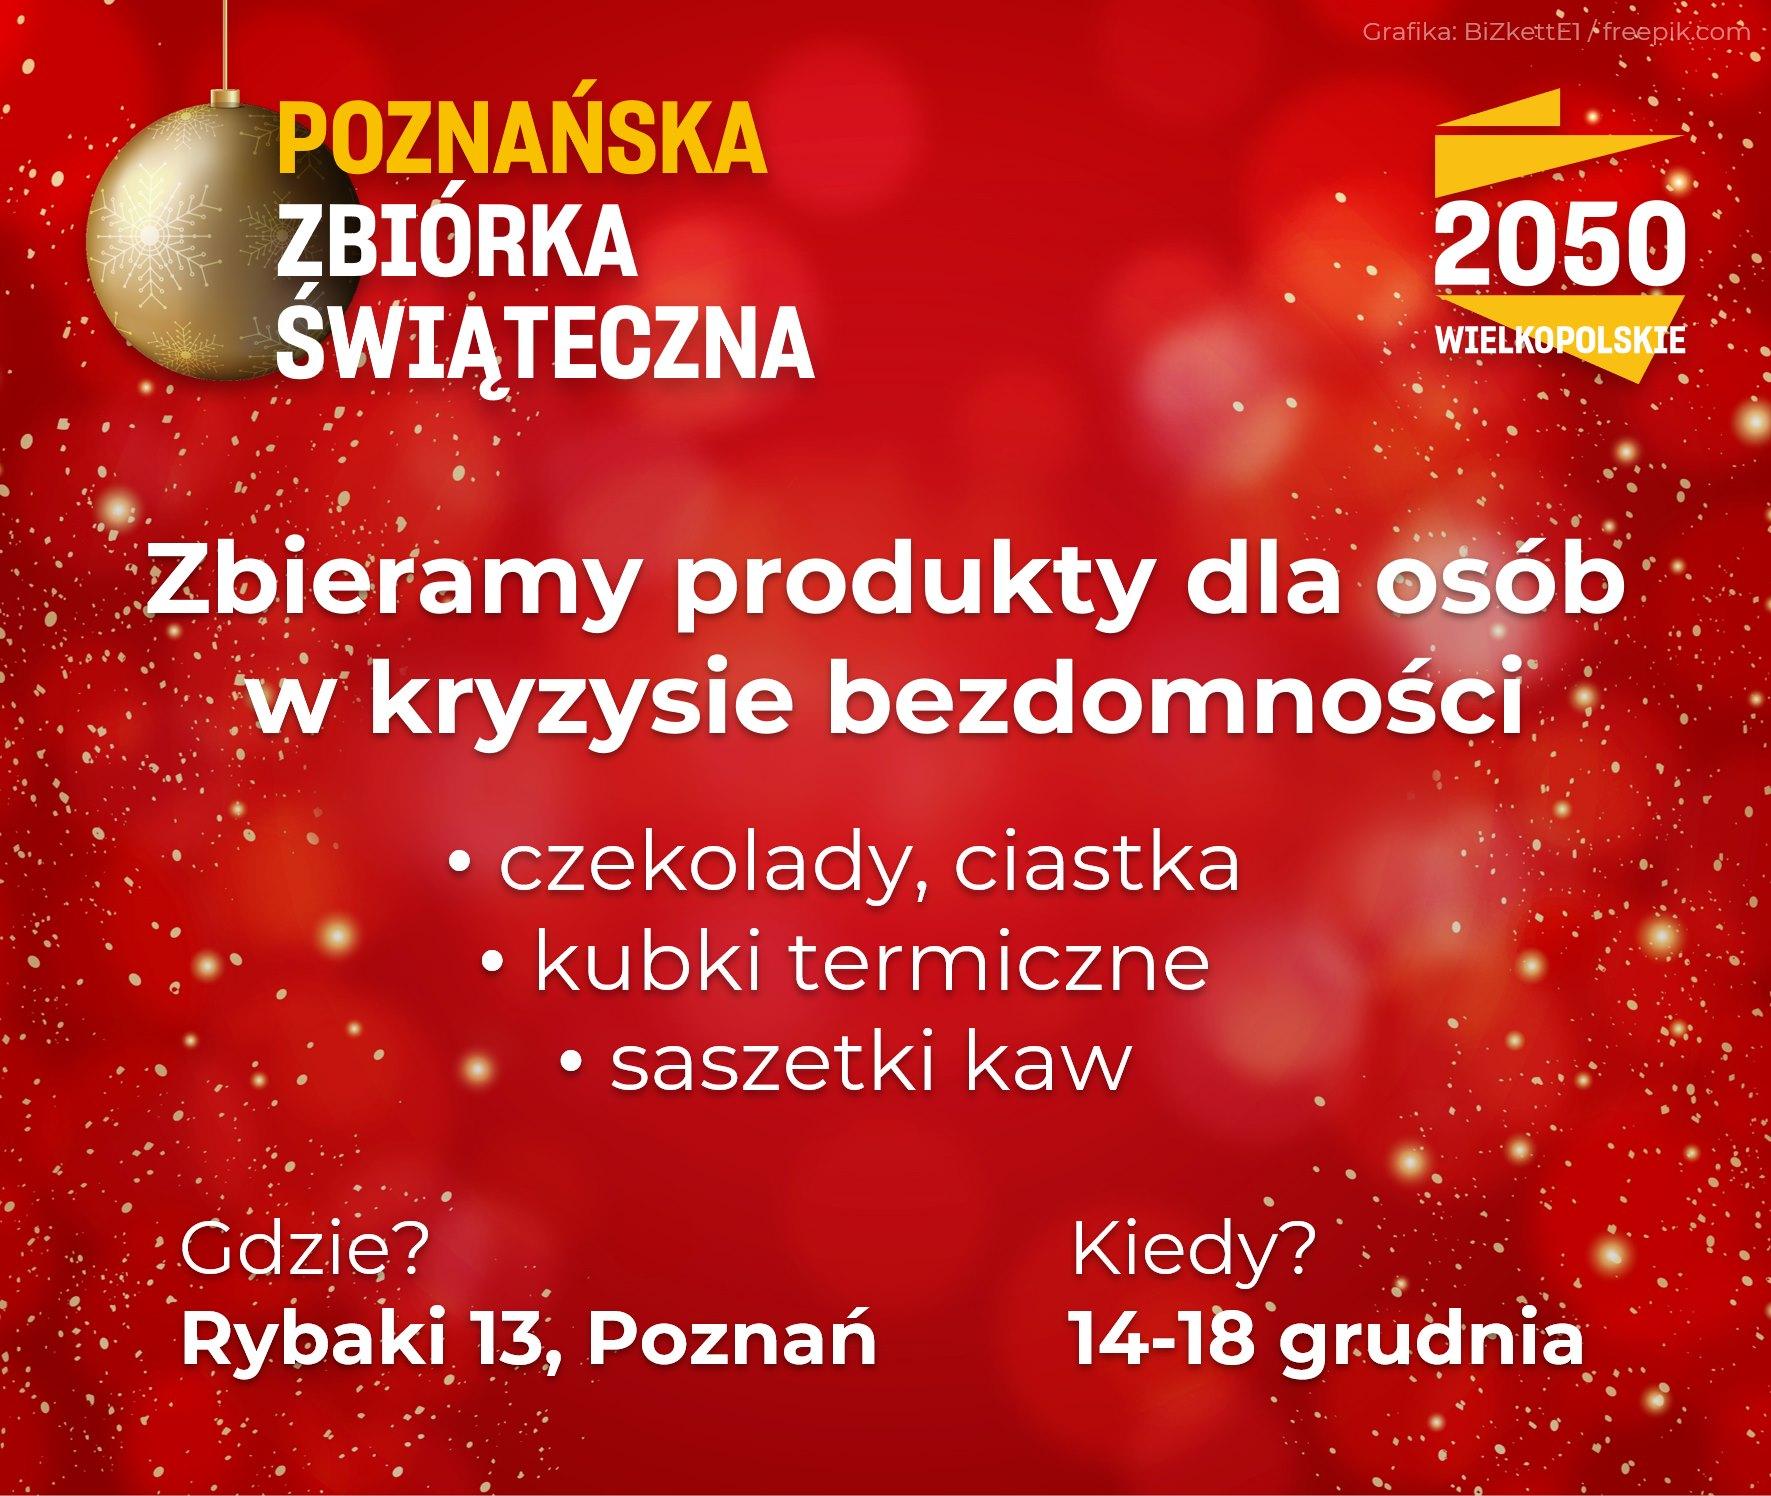 zbiórka bezdomni - Polska 2050 Wielkopolskie